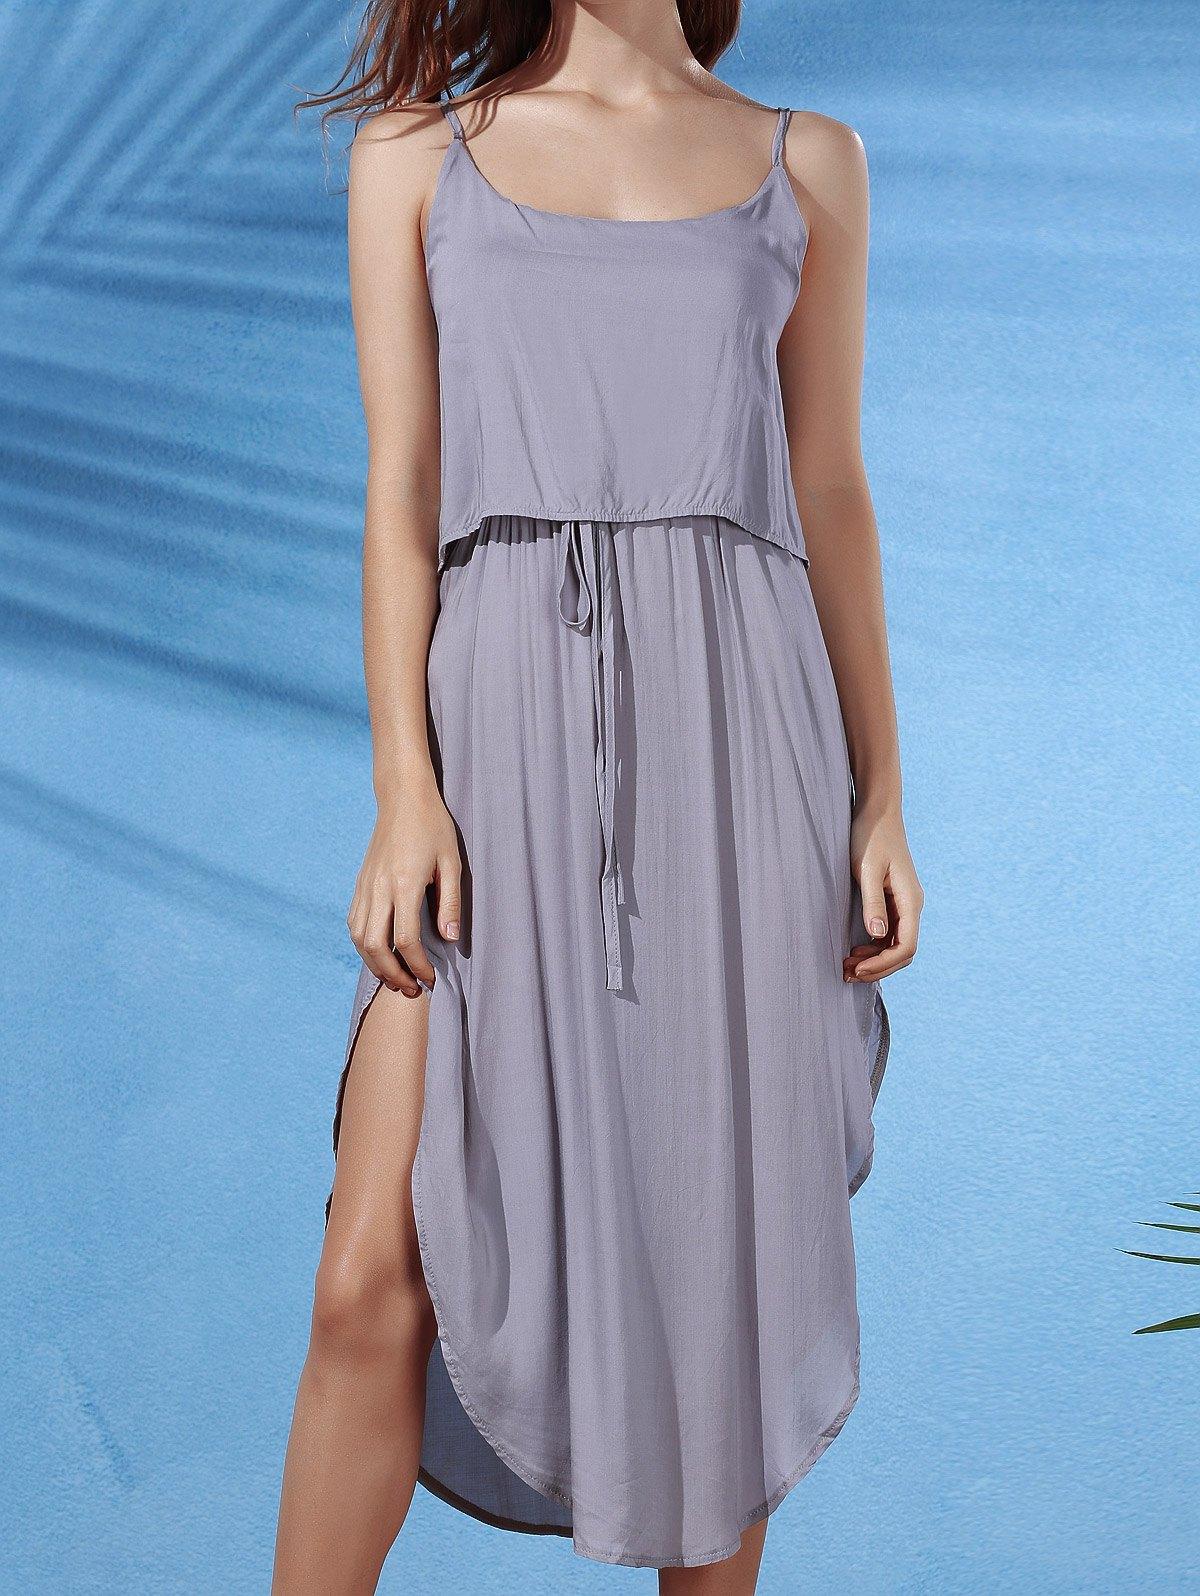 Irregular Hem Spaghetti Straps Drawstring Side Slit DressClothes<br><br><br>Size: S<br>Color: GRAY